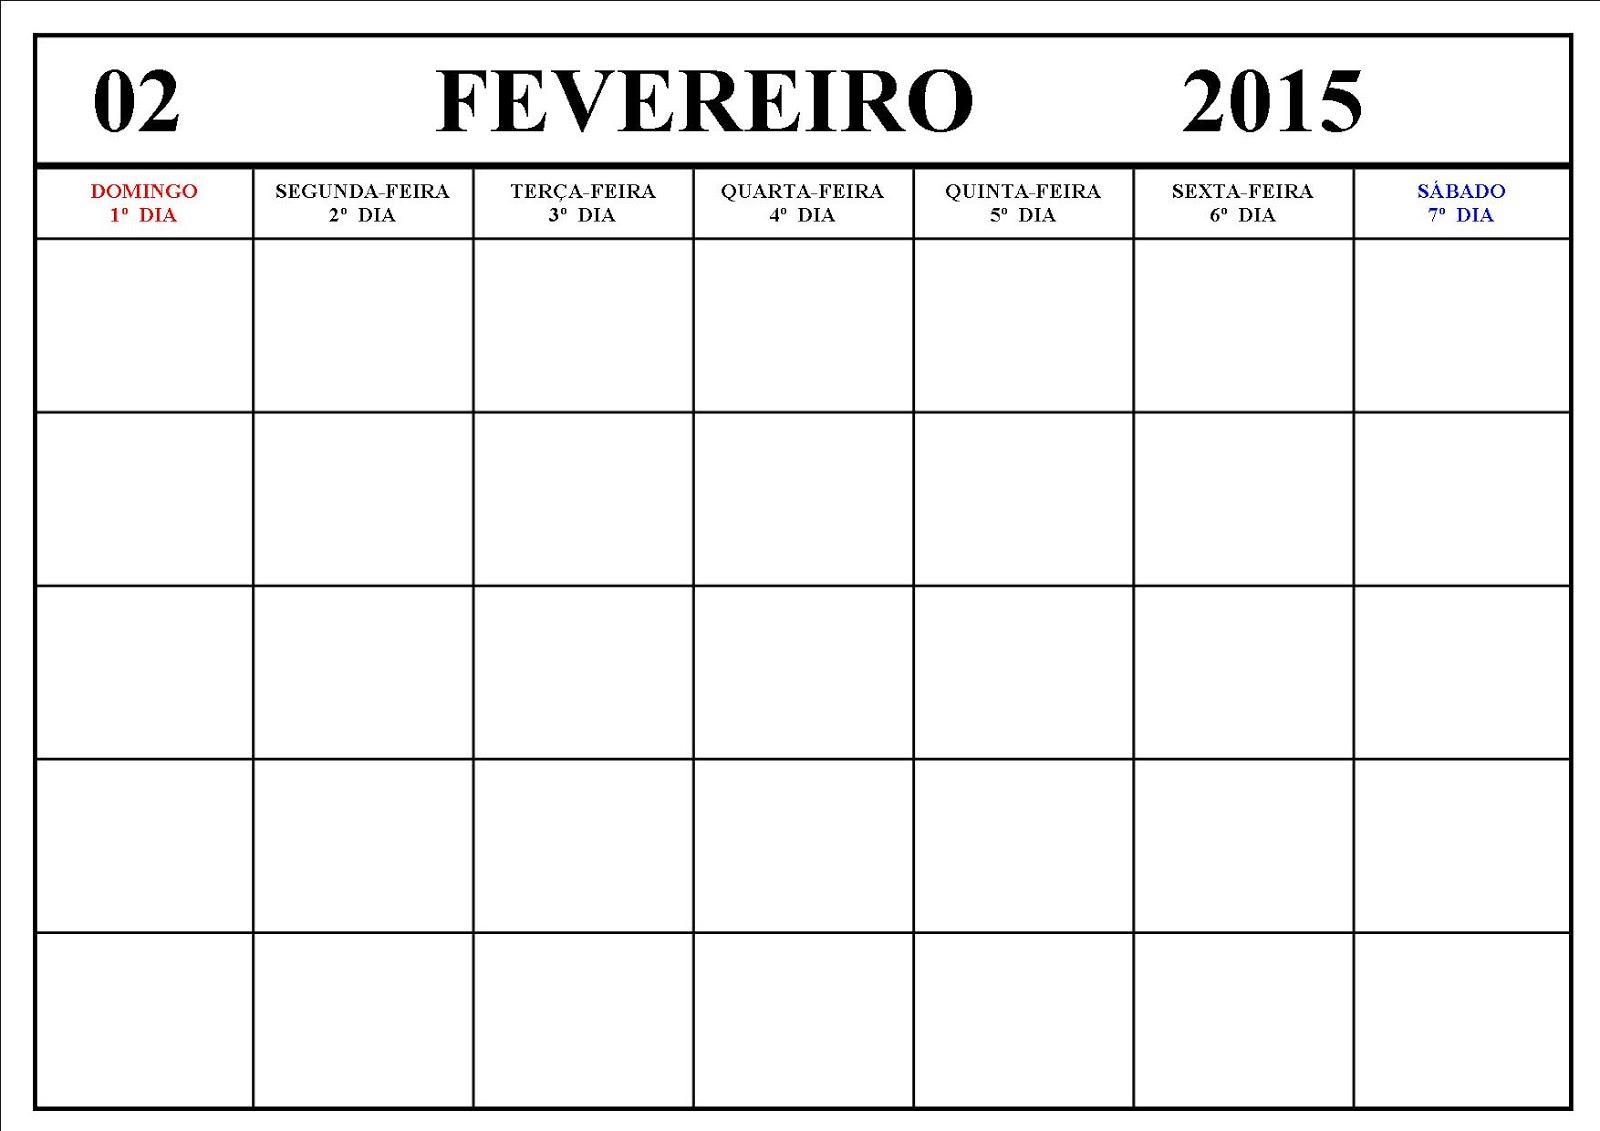 23 09 B 1 Atividades Preparatórias 2 Ofertas: Notícias Ponto Com : Calendário 2015